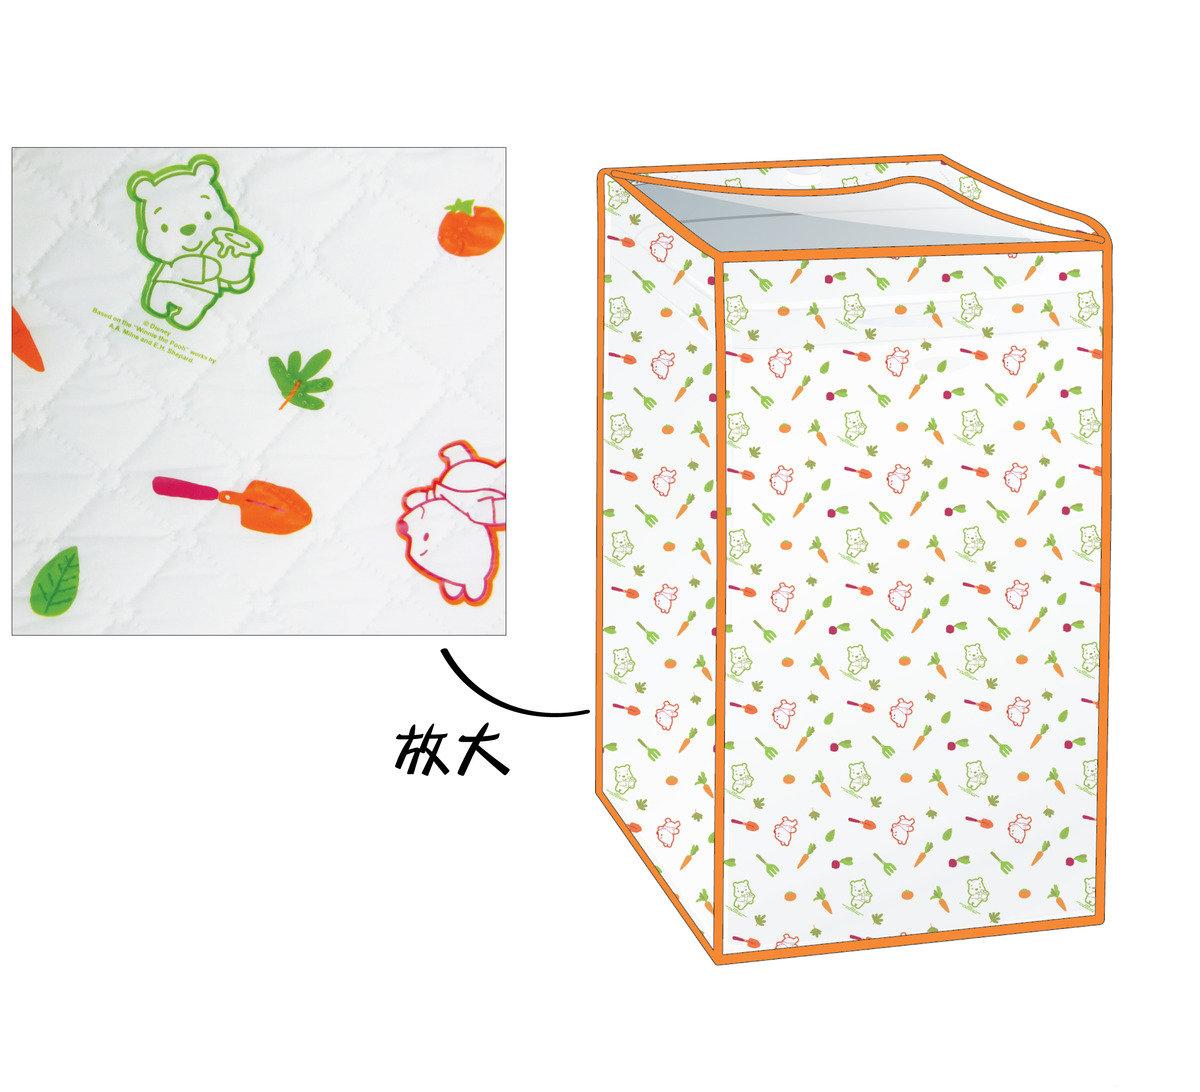 小熊維尼上蓋式洗衣機套 - 日本機